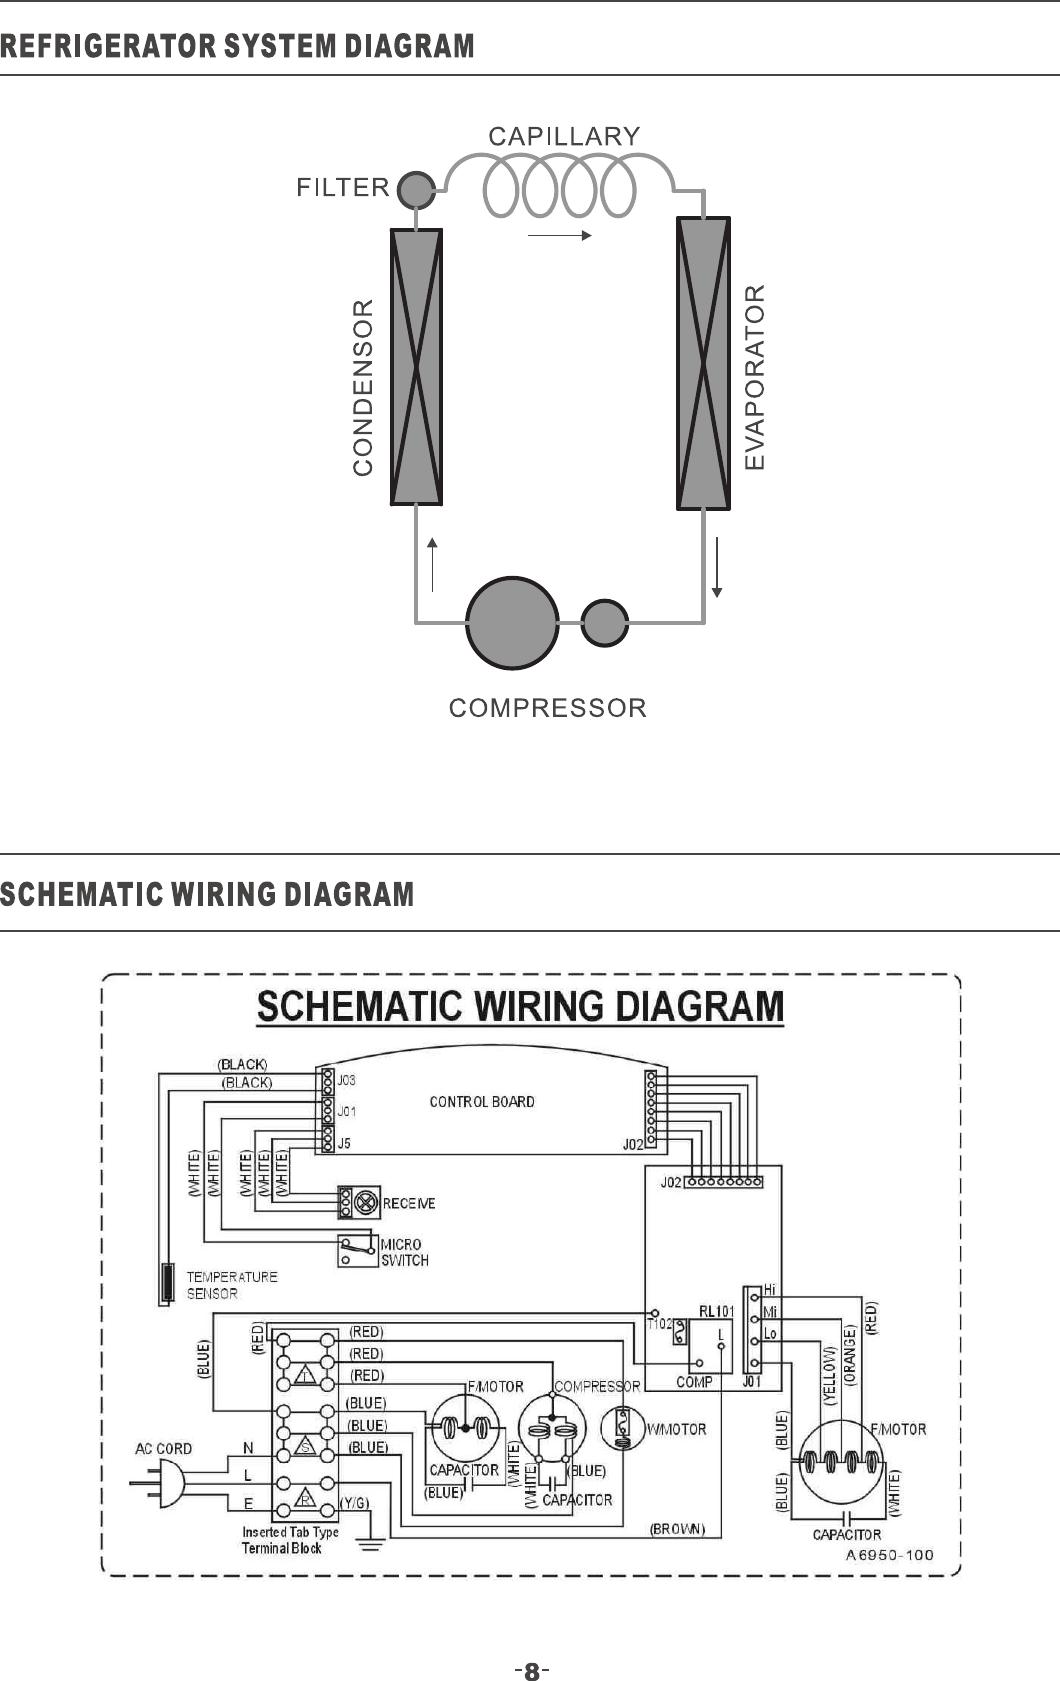 Friedrich Air Conditioner Wiring Diagram - 2005 Jeep Cherokee Radio Wire  Diagram for Wiring Diagram SchematicsWiring Diagram Schematics